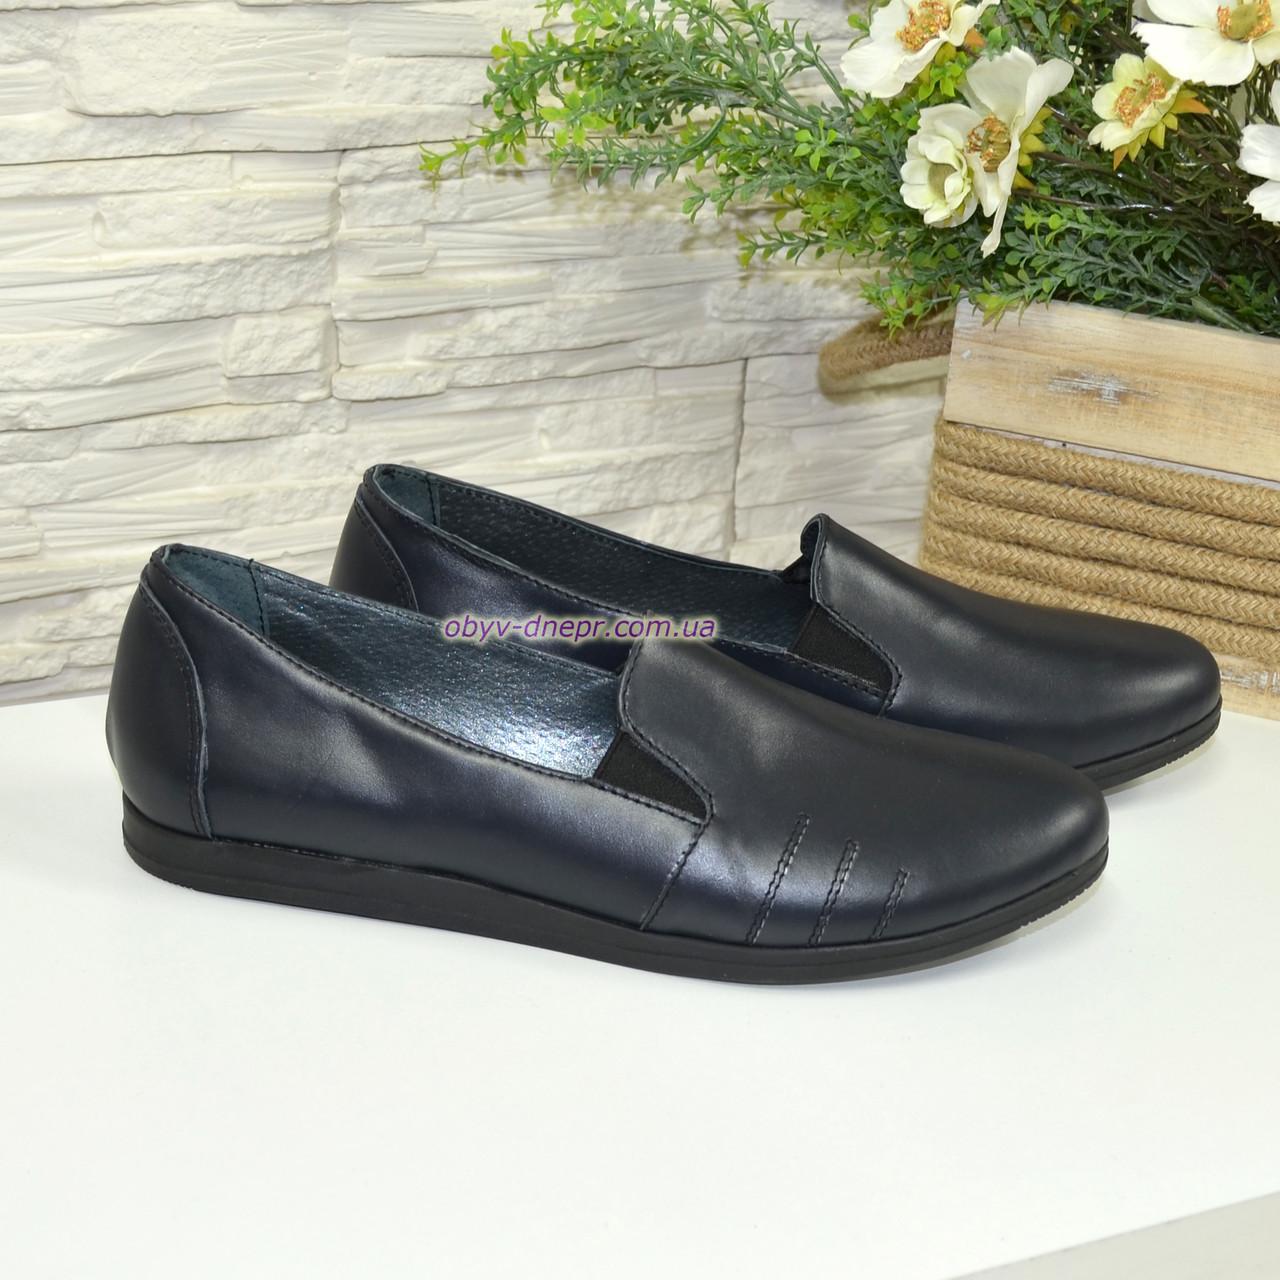 Туфли женские из натуральной кожи синего цвета